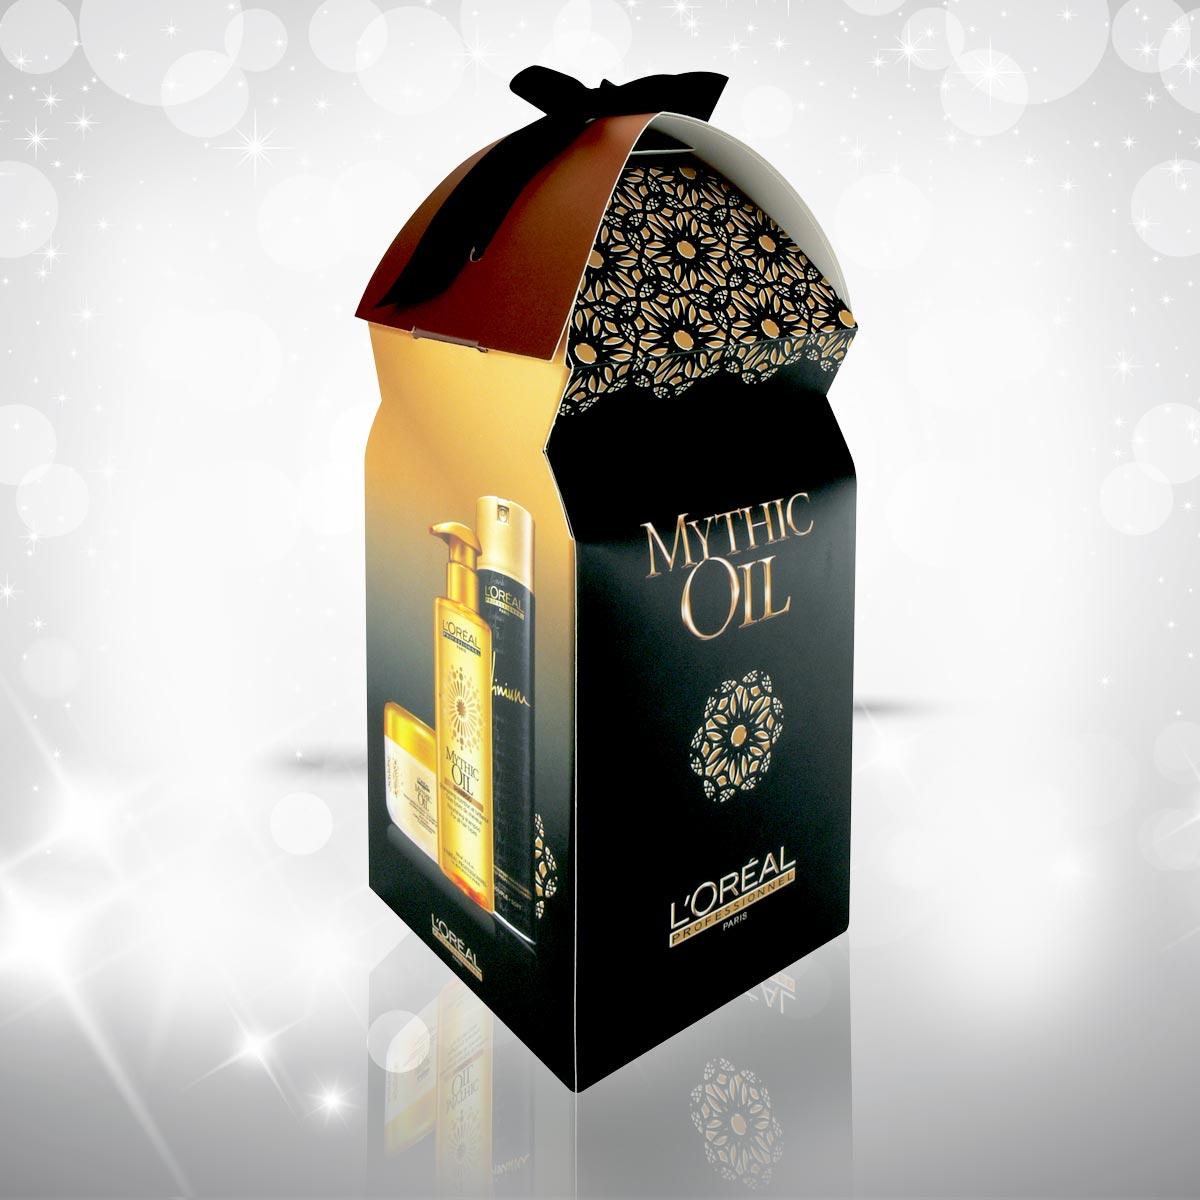 Vánoční dárky L'Oréal Professionnel 2014 – Mythic Oil pro výživu a lesk vlasů.